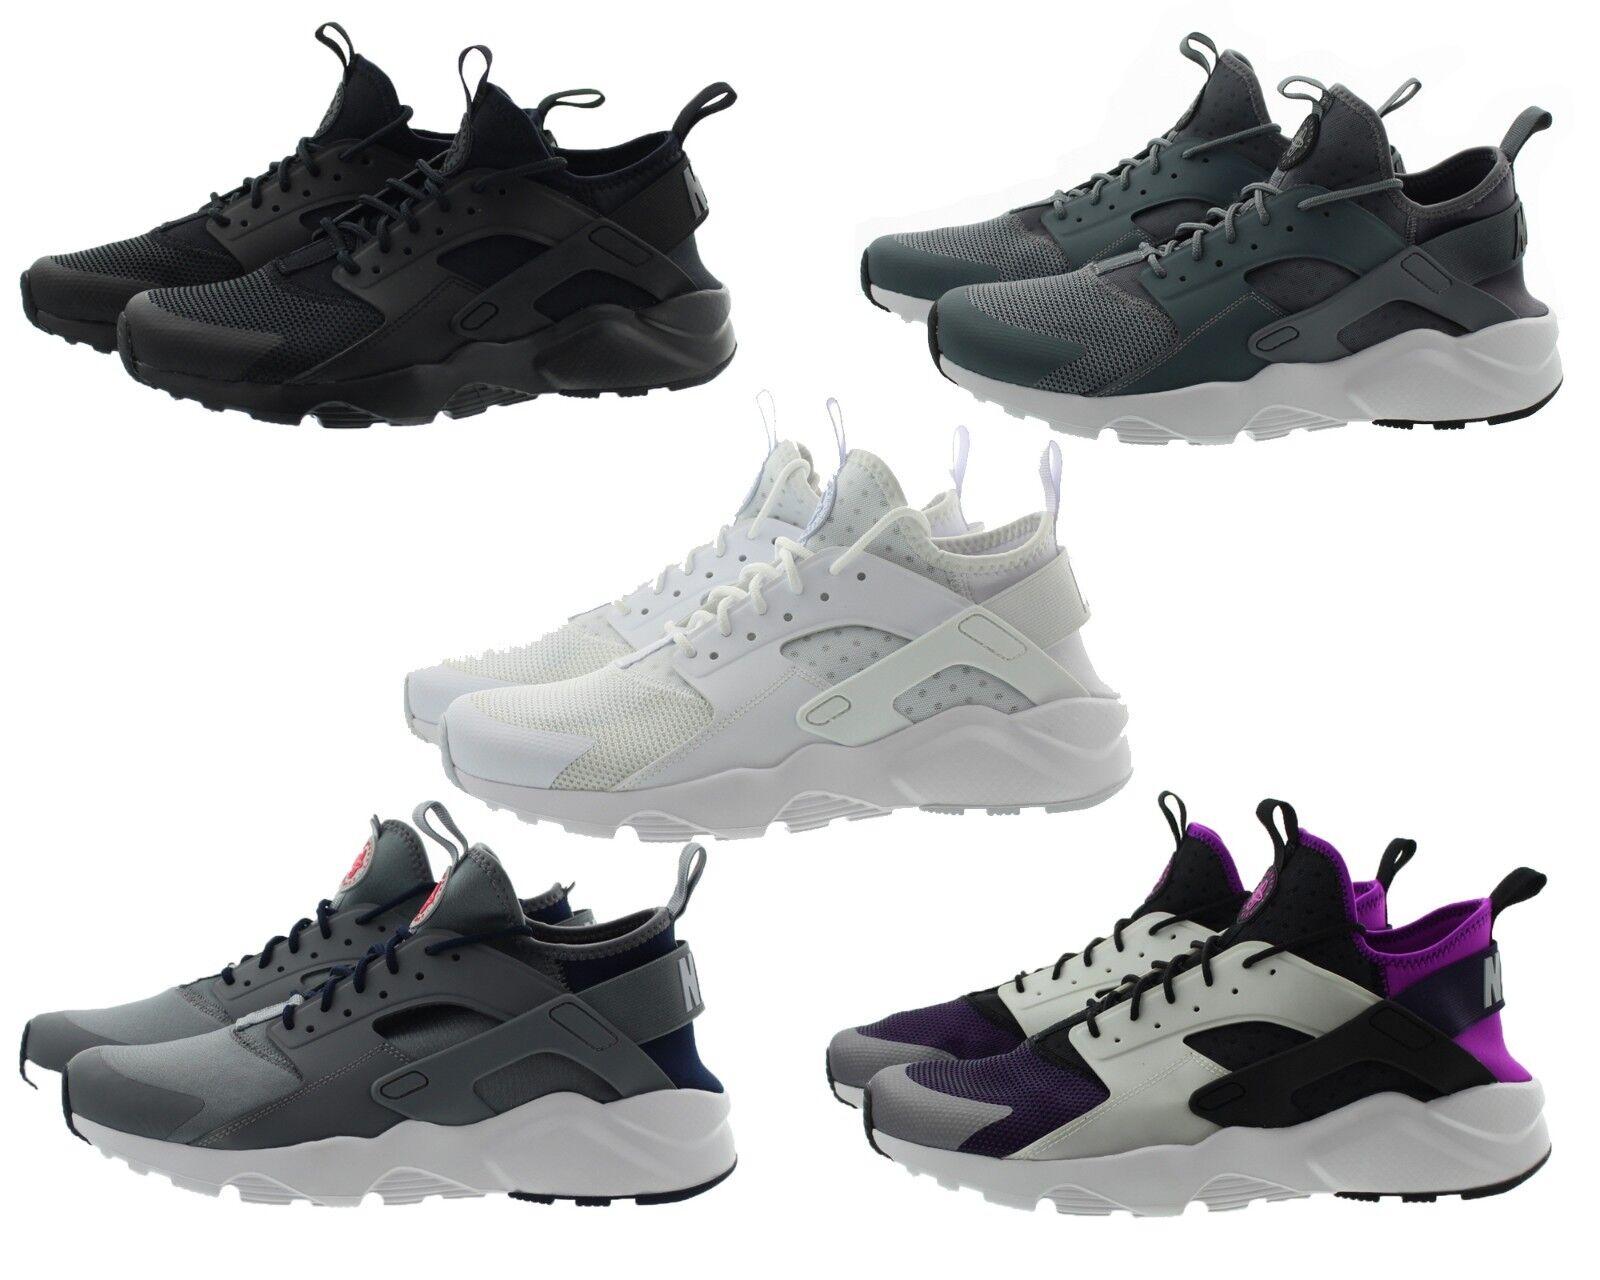 9a167da319f6 Nike 819685 Mens Air Huarache Huarache Huarache Run Ultra Mid Top Running  Training Shoes Sneakers 2d5513